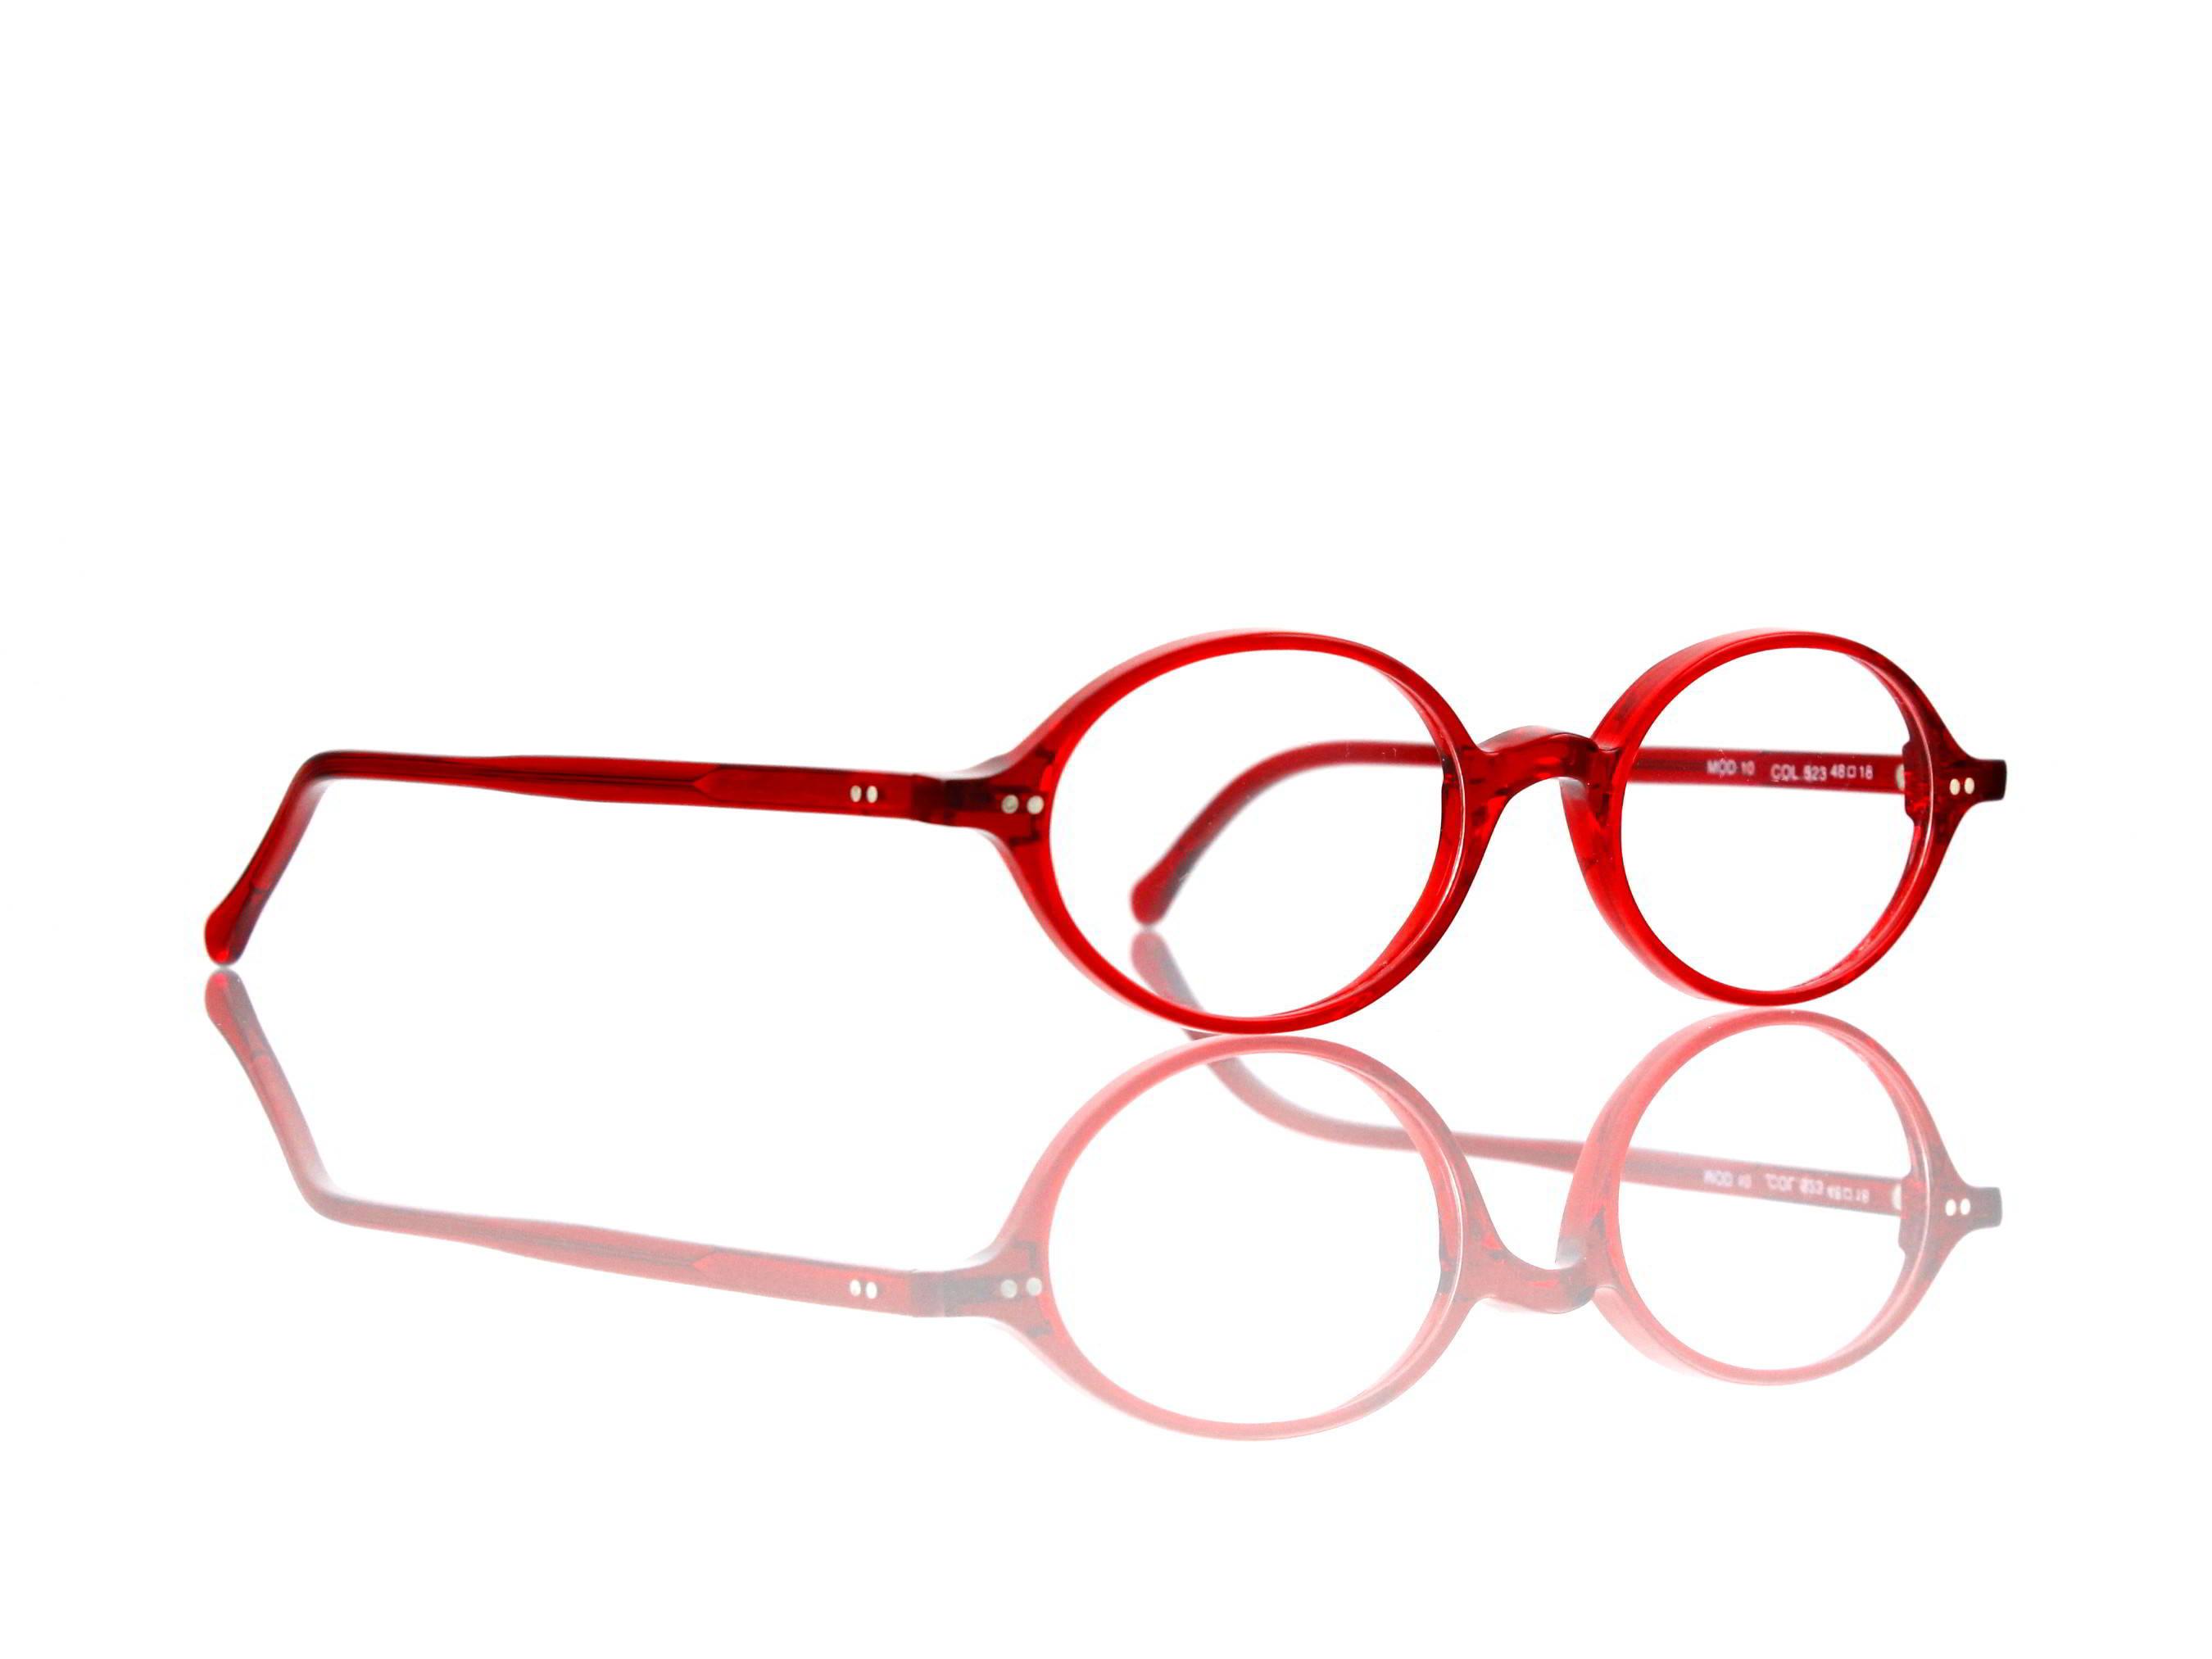 Braun Classics Eyewear Mod. 10 Col. F 523 Größe 48-18-145 mm | Oval ...